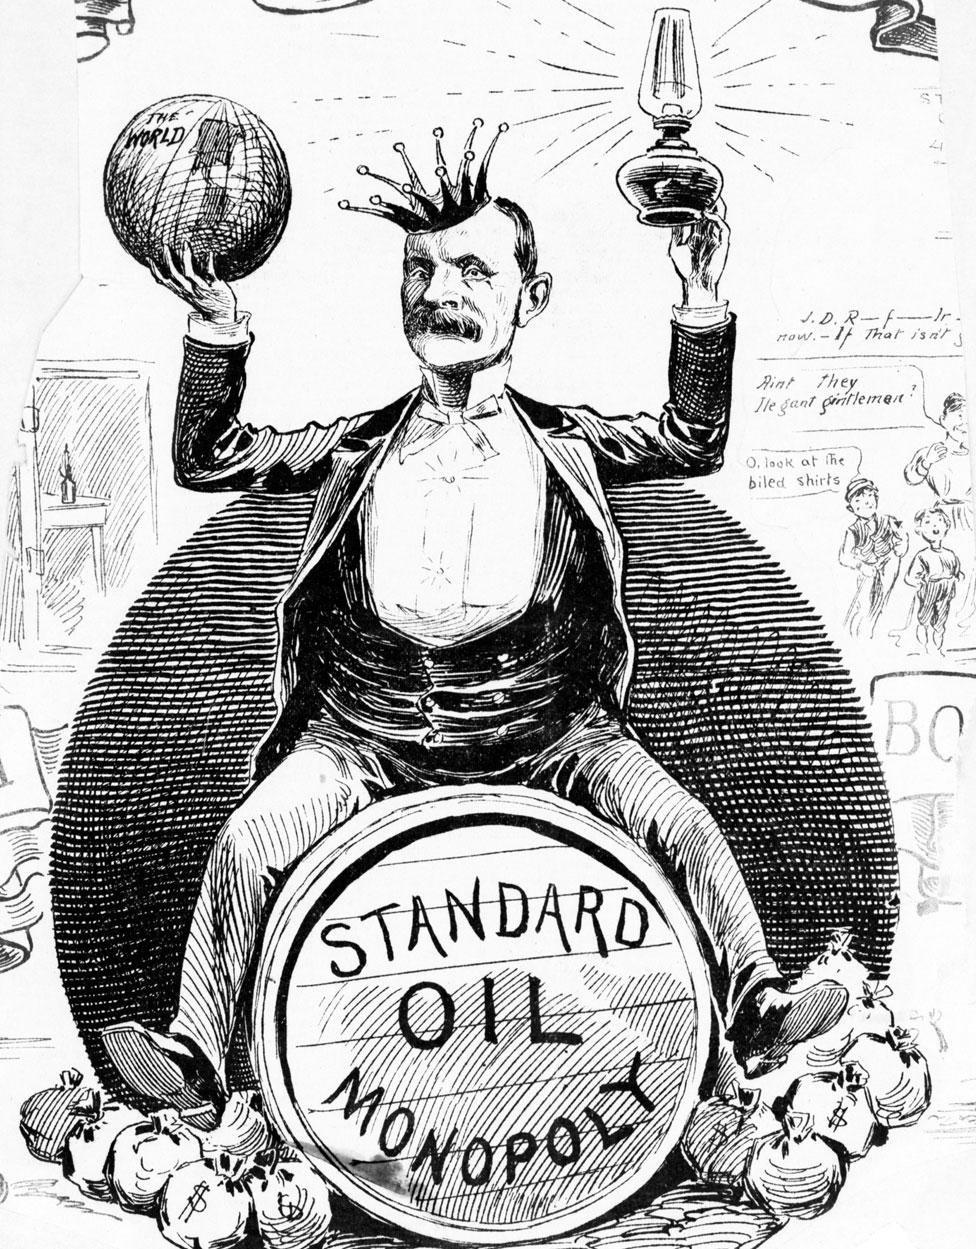 NO USAR. BBC. Caricatura de Rockefeller como un rey sentado sobre un barril de petróleo de Standard Oil